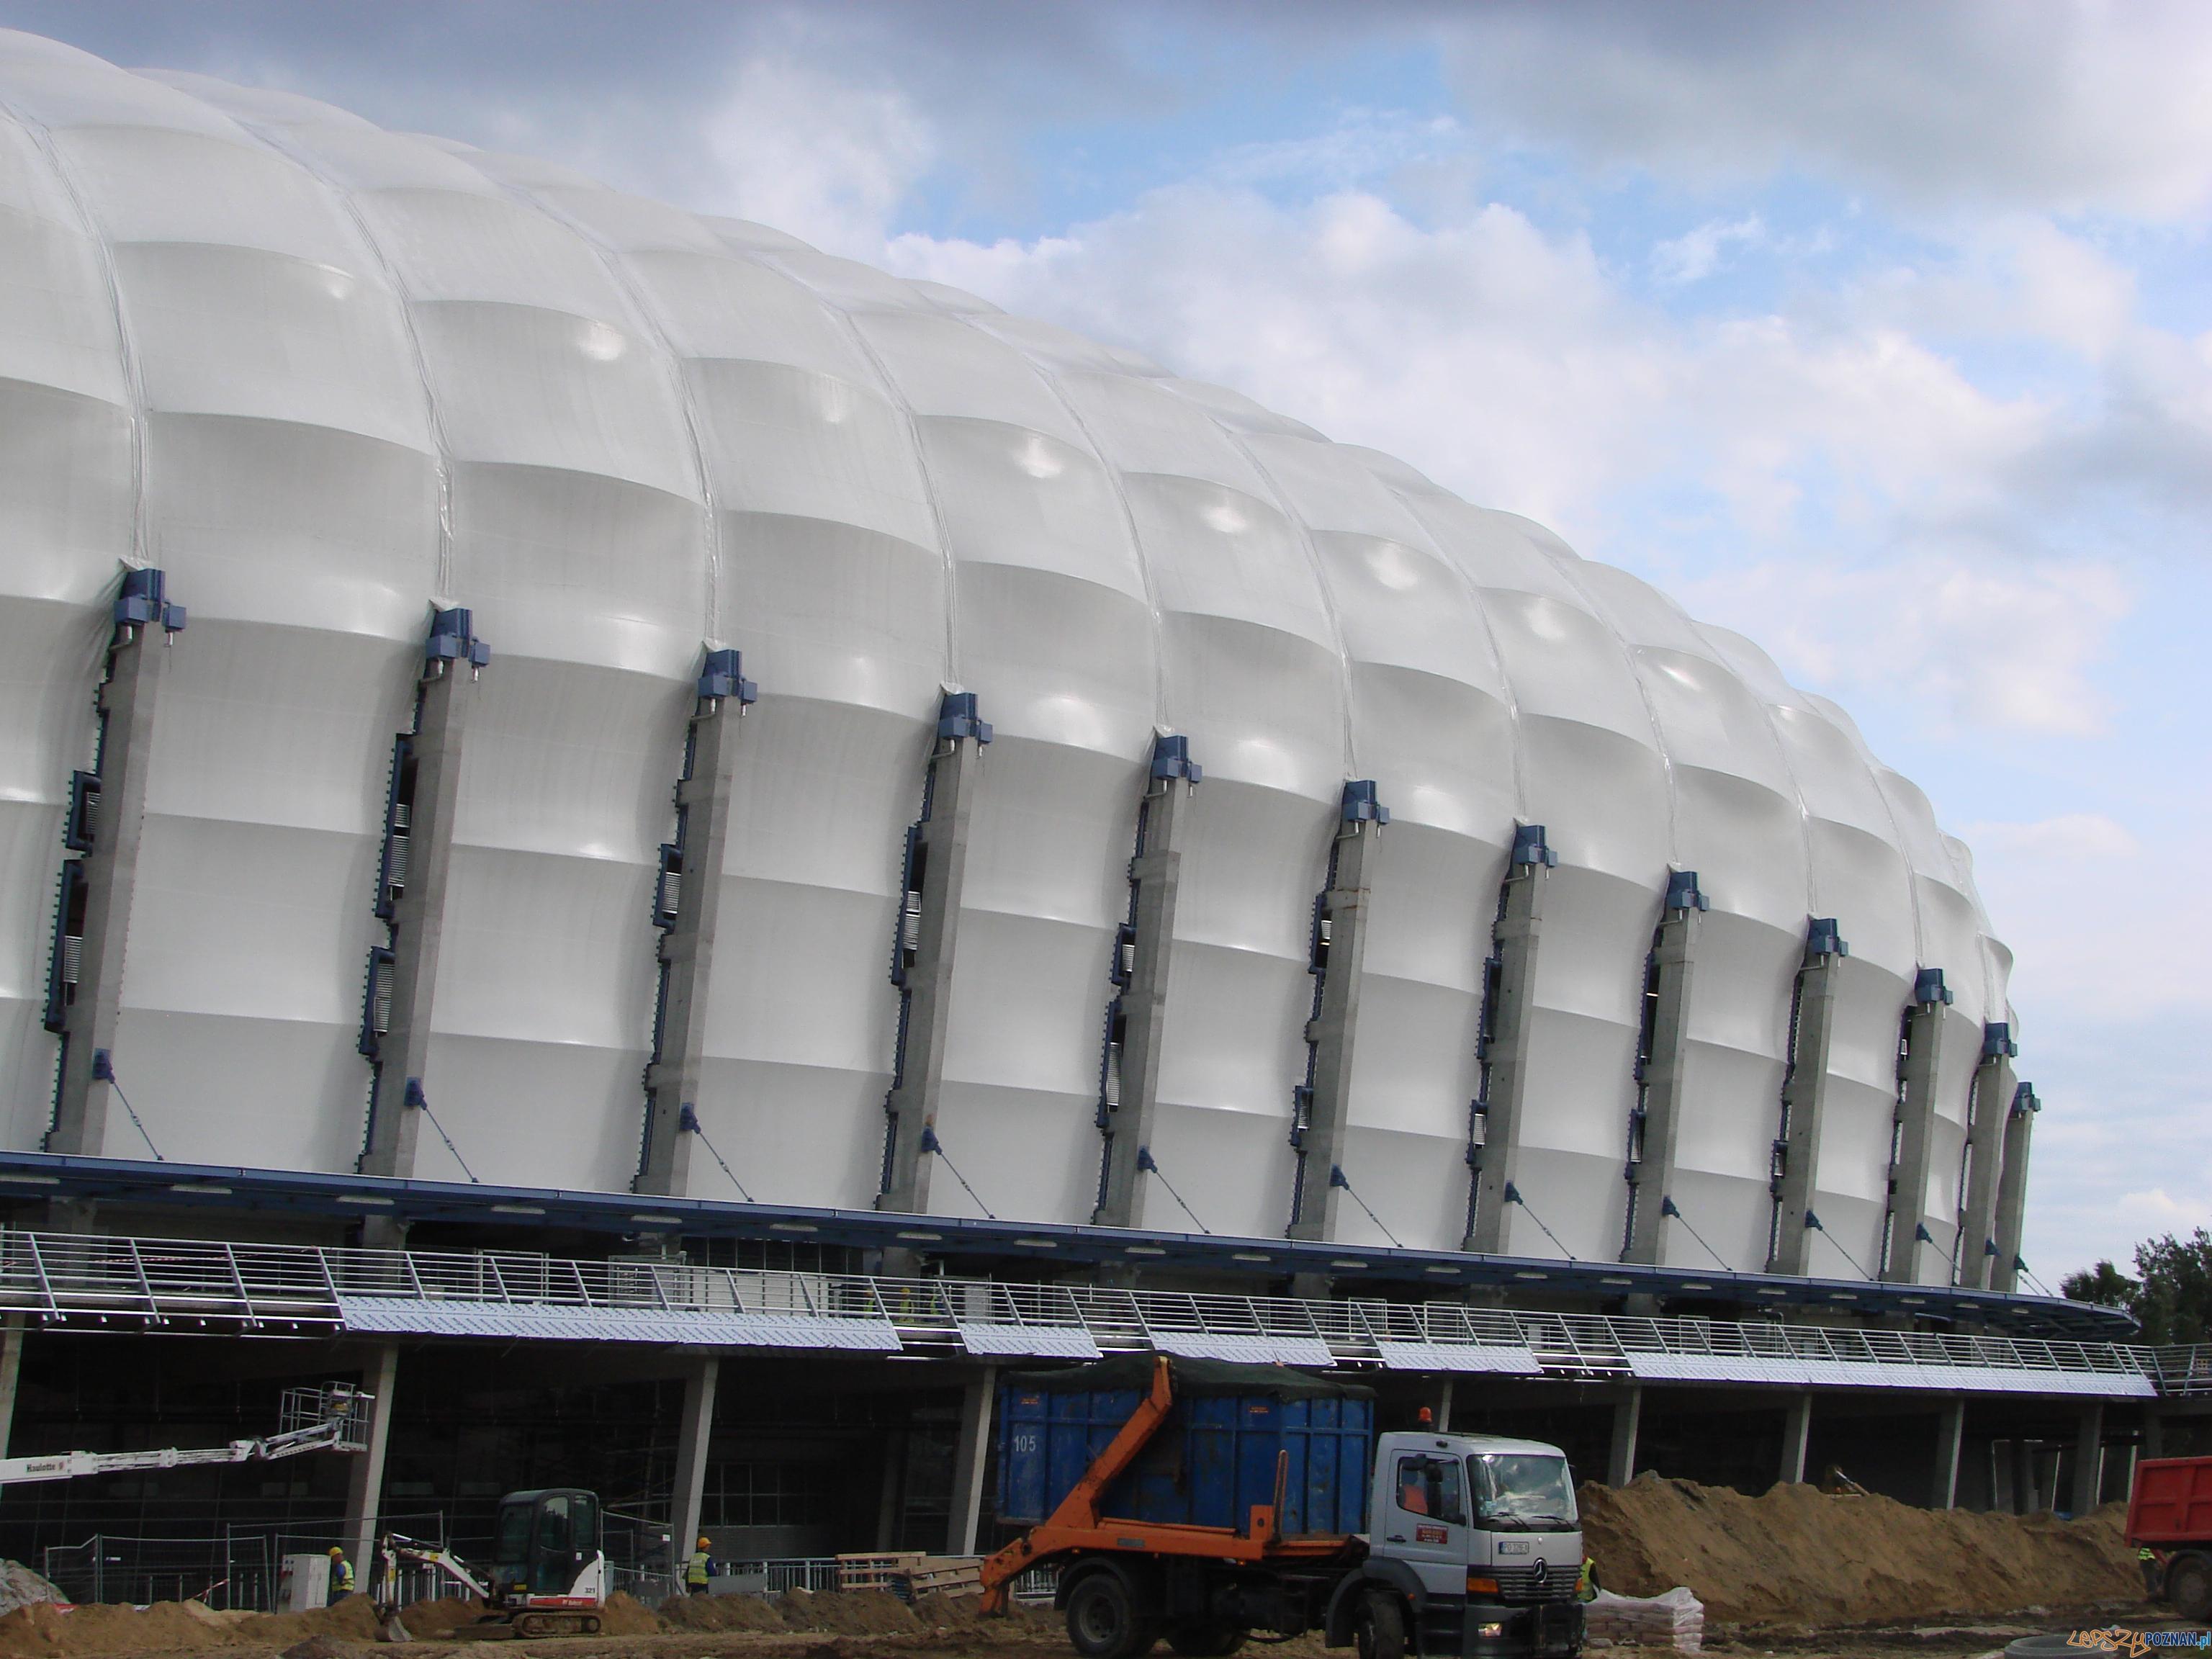 Stadion miejski - budowa jeszcze trwa - foto 25.08.2010  Foto: lepszyPOZNAN.pl / ag